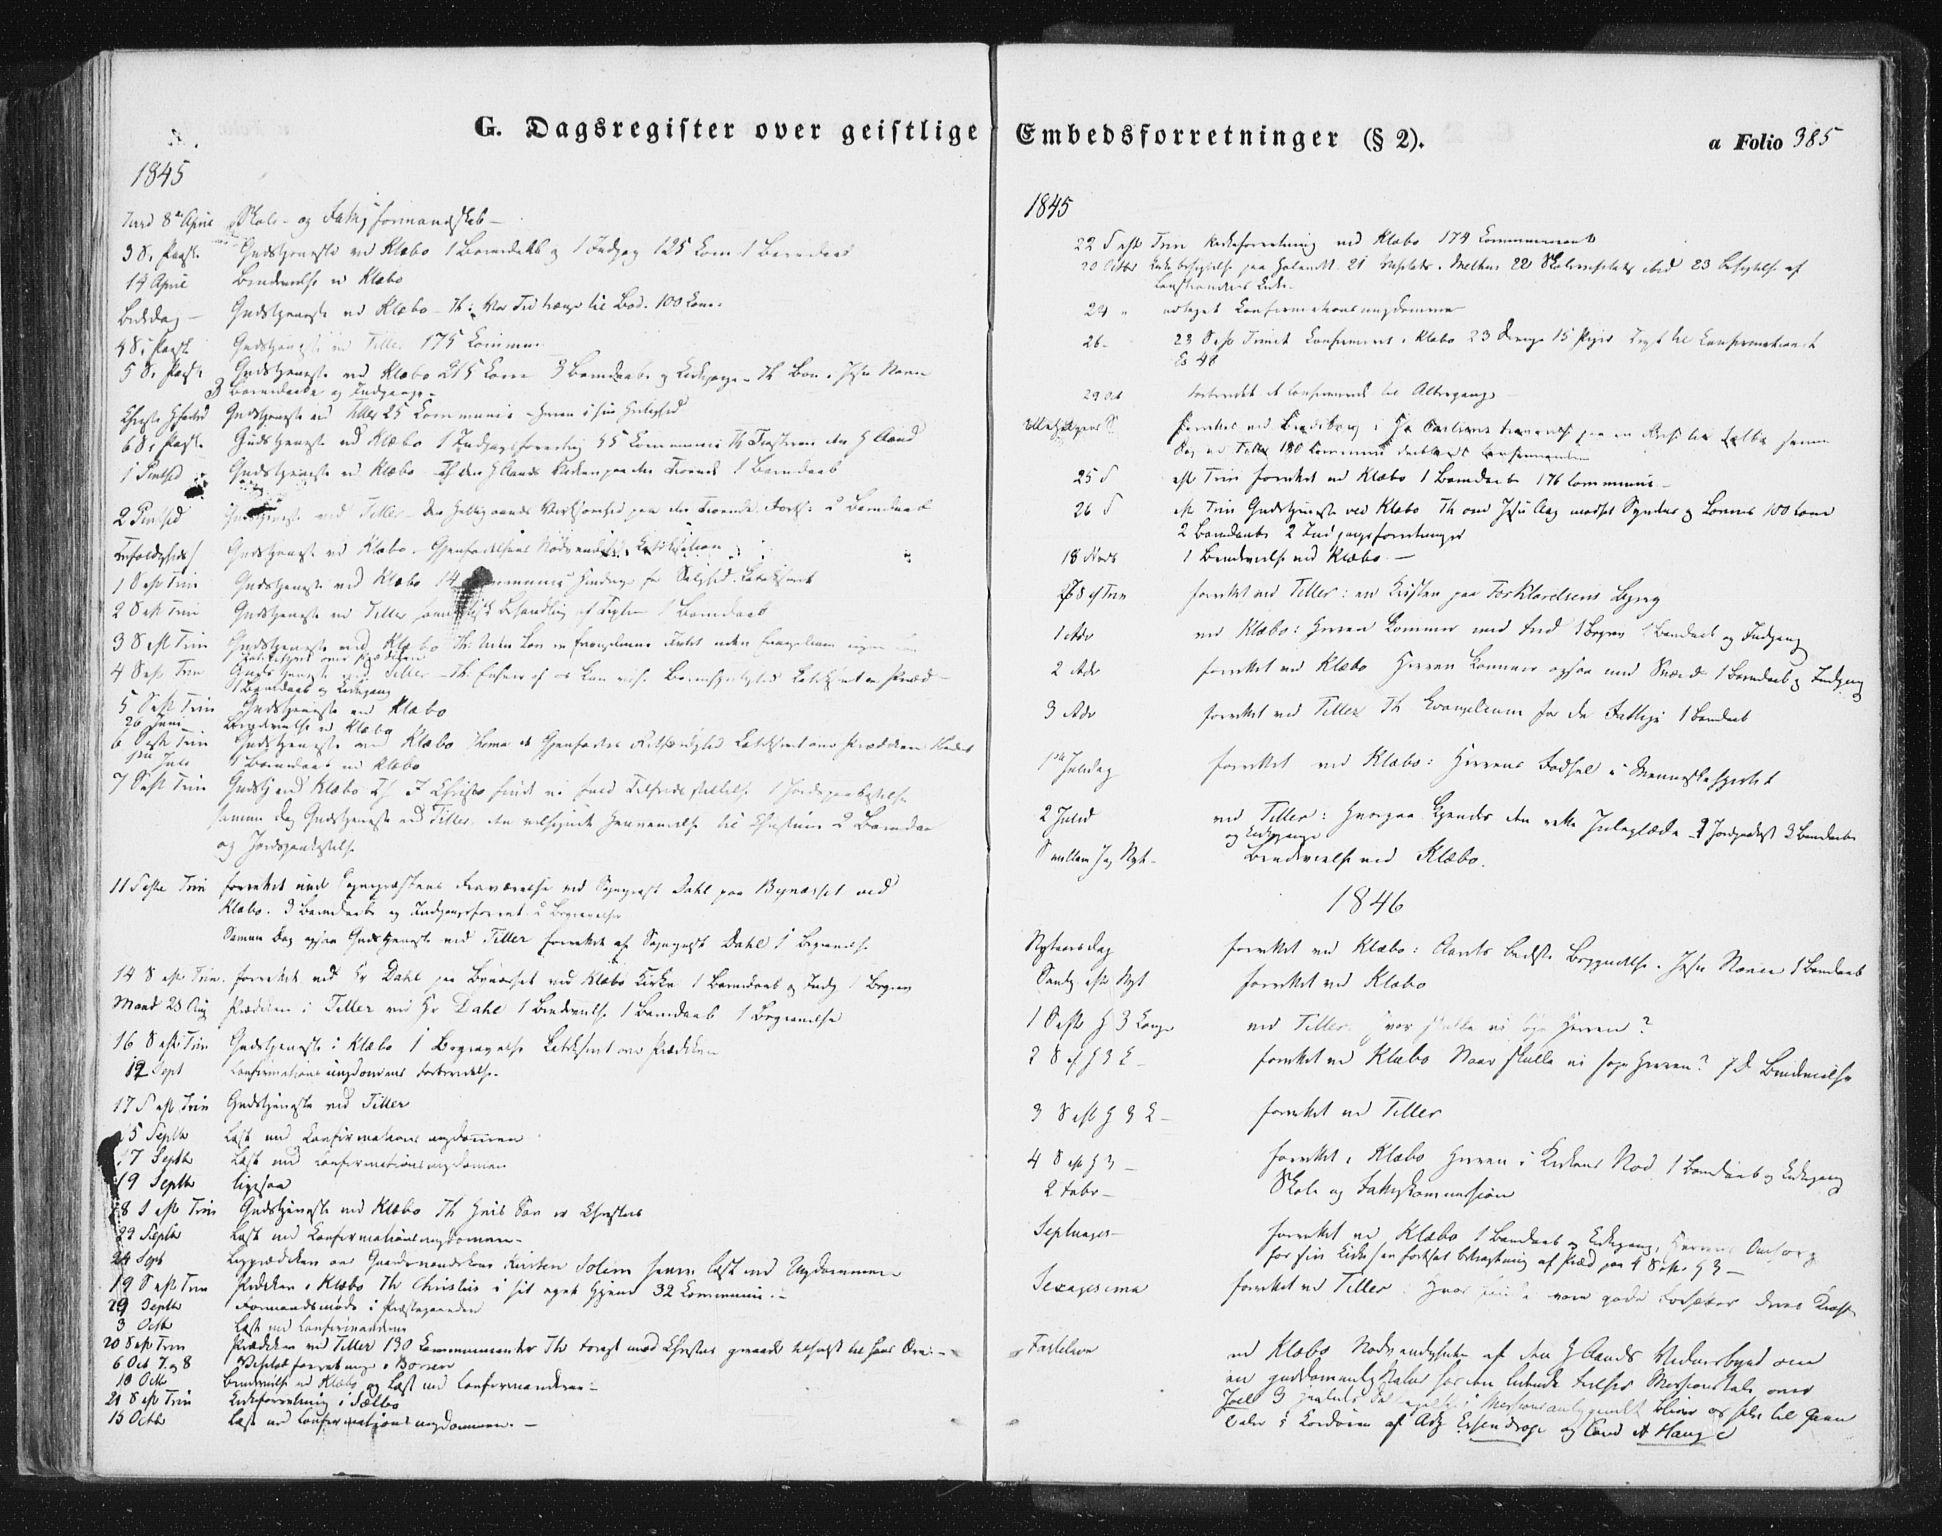 SAT, Ministerialprotokoller, klokkerbøker og fødselsregistre - Sør-Trøndelag, 618/L0441: Ministerialbok nr. 618A05, 1843-1862, s. 385